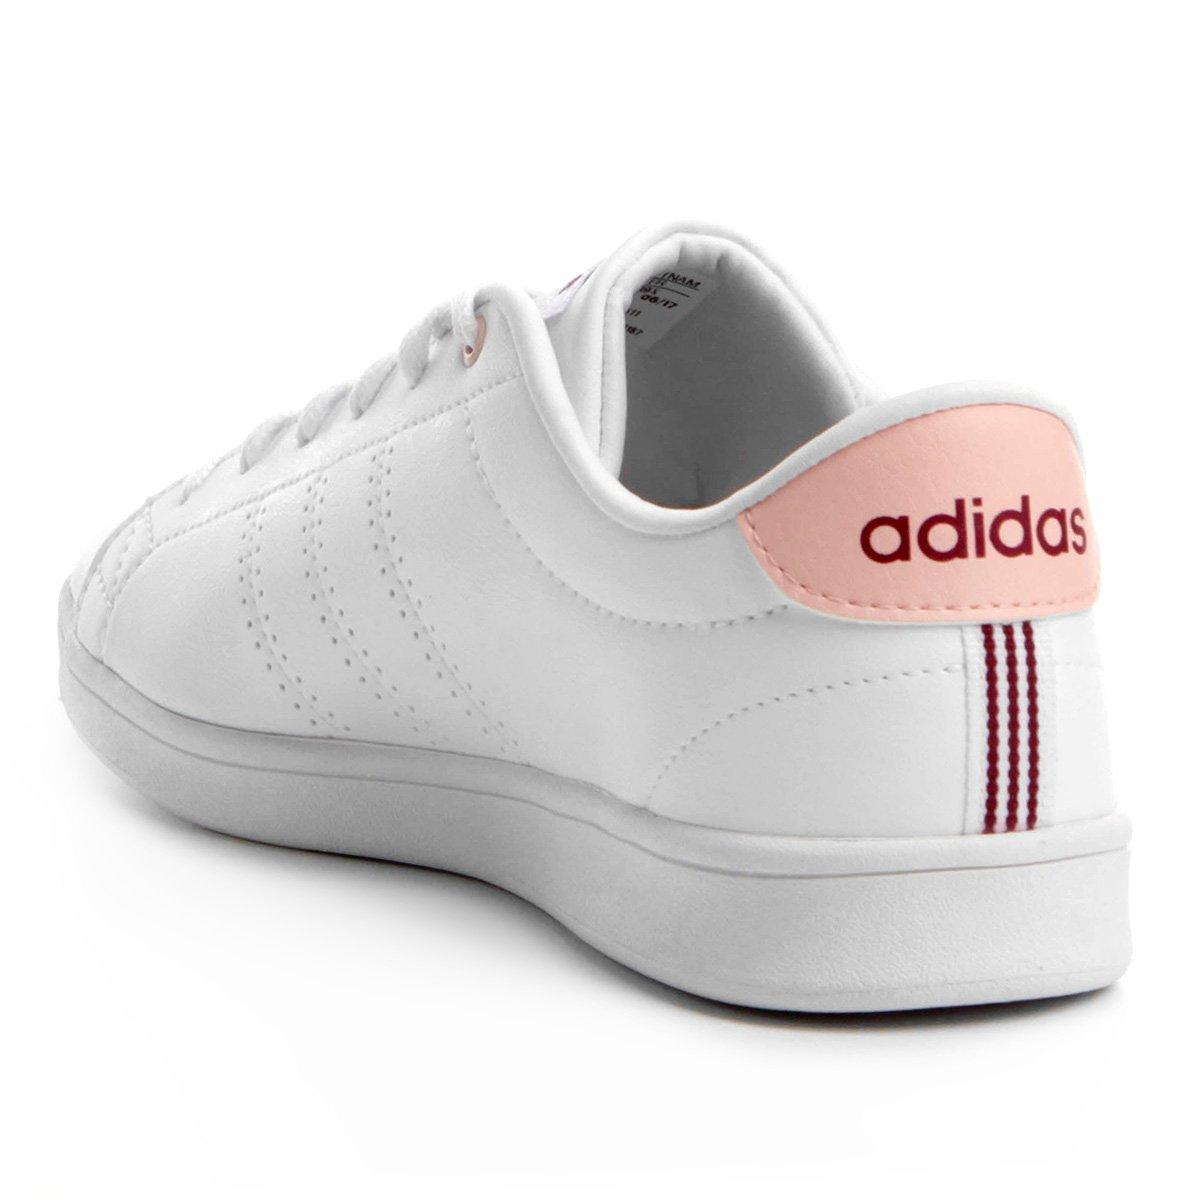 Tênis Adidas Advantage Clean Qt Feminino - Branco - Compre Agora ... cda332e45e738